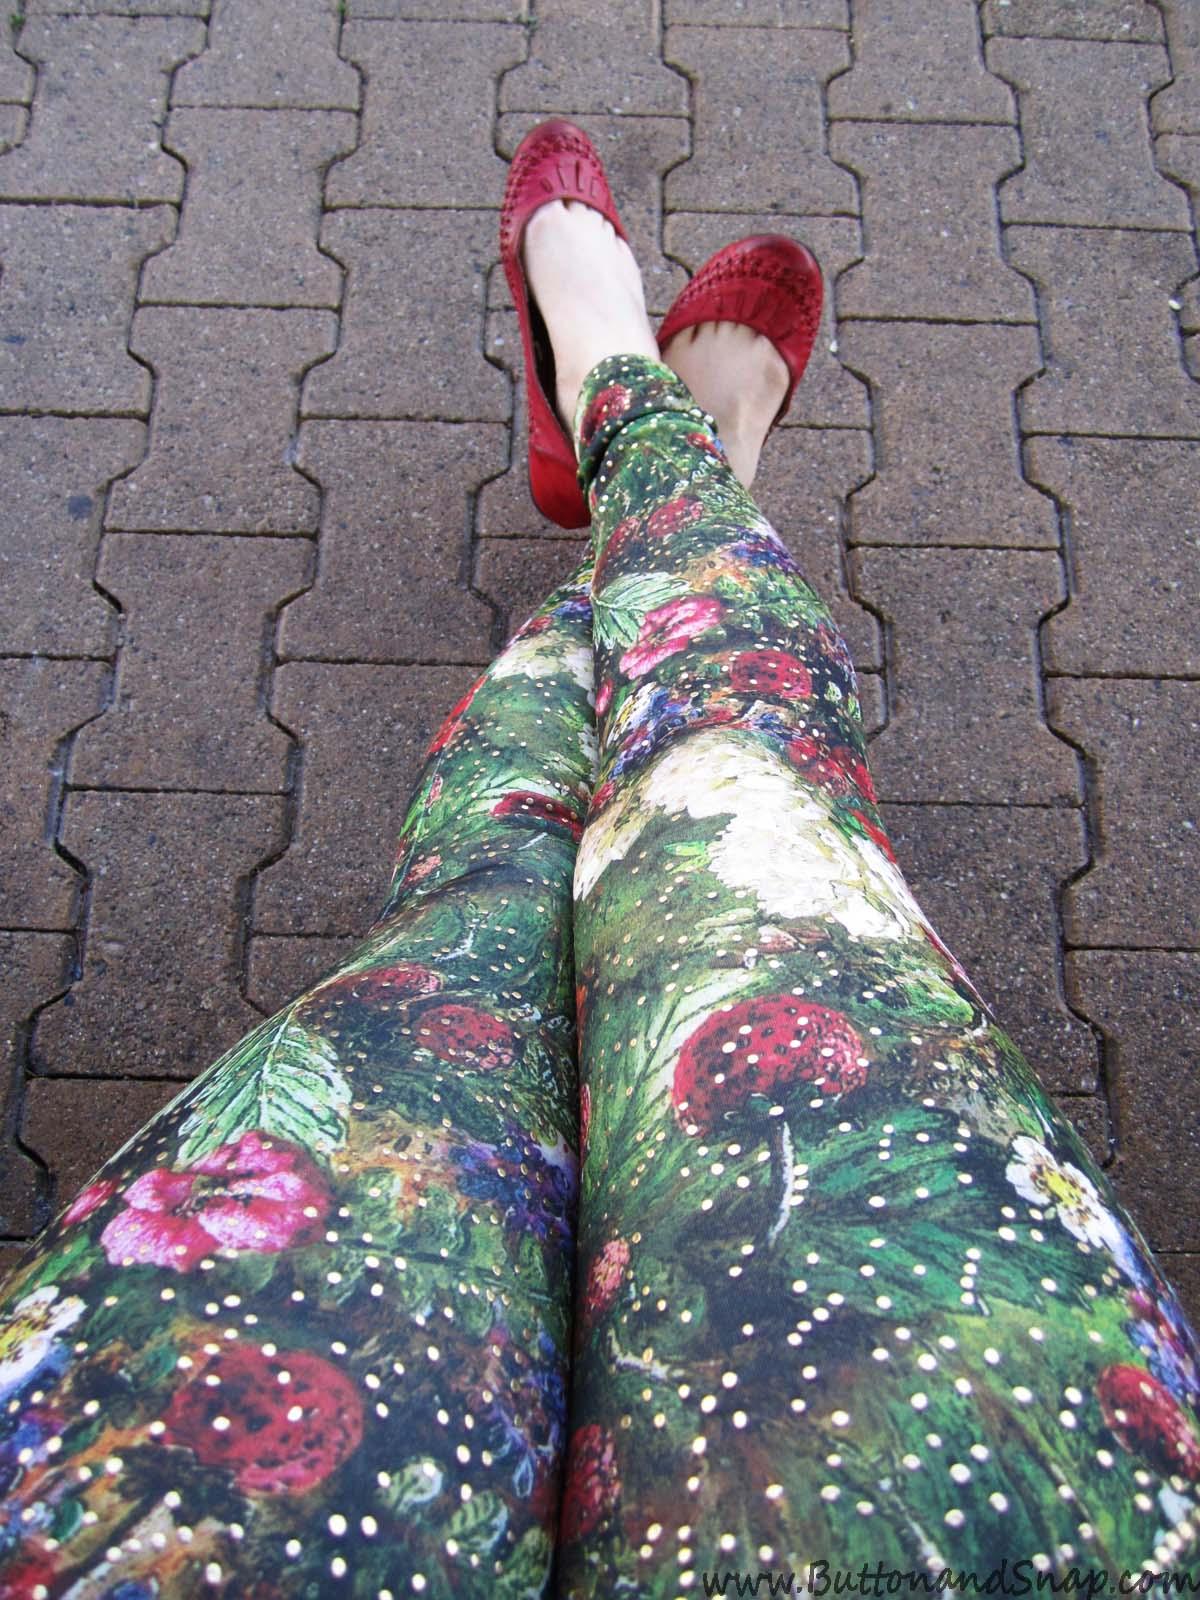 Floral leggings selfie 2